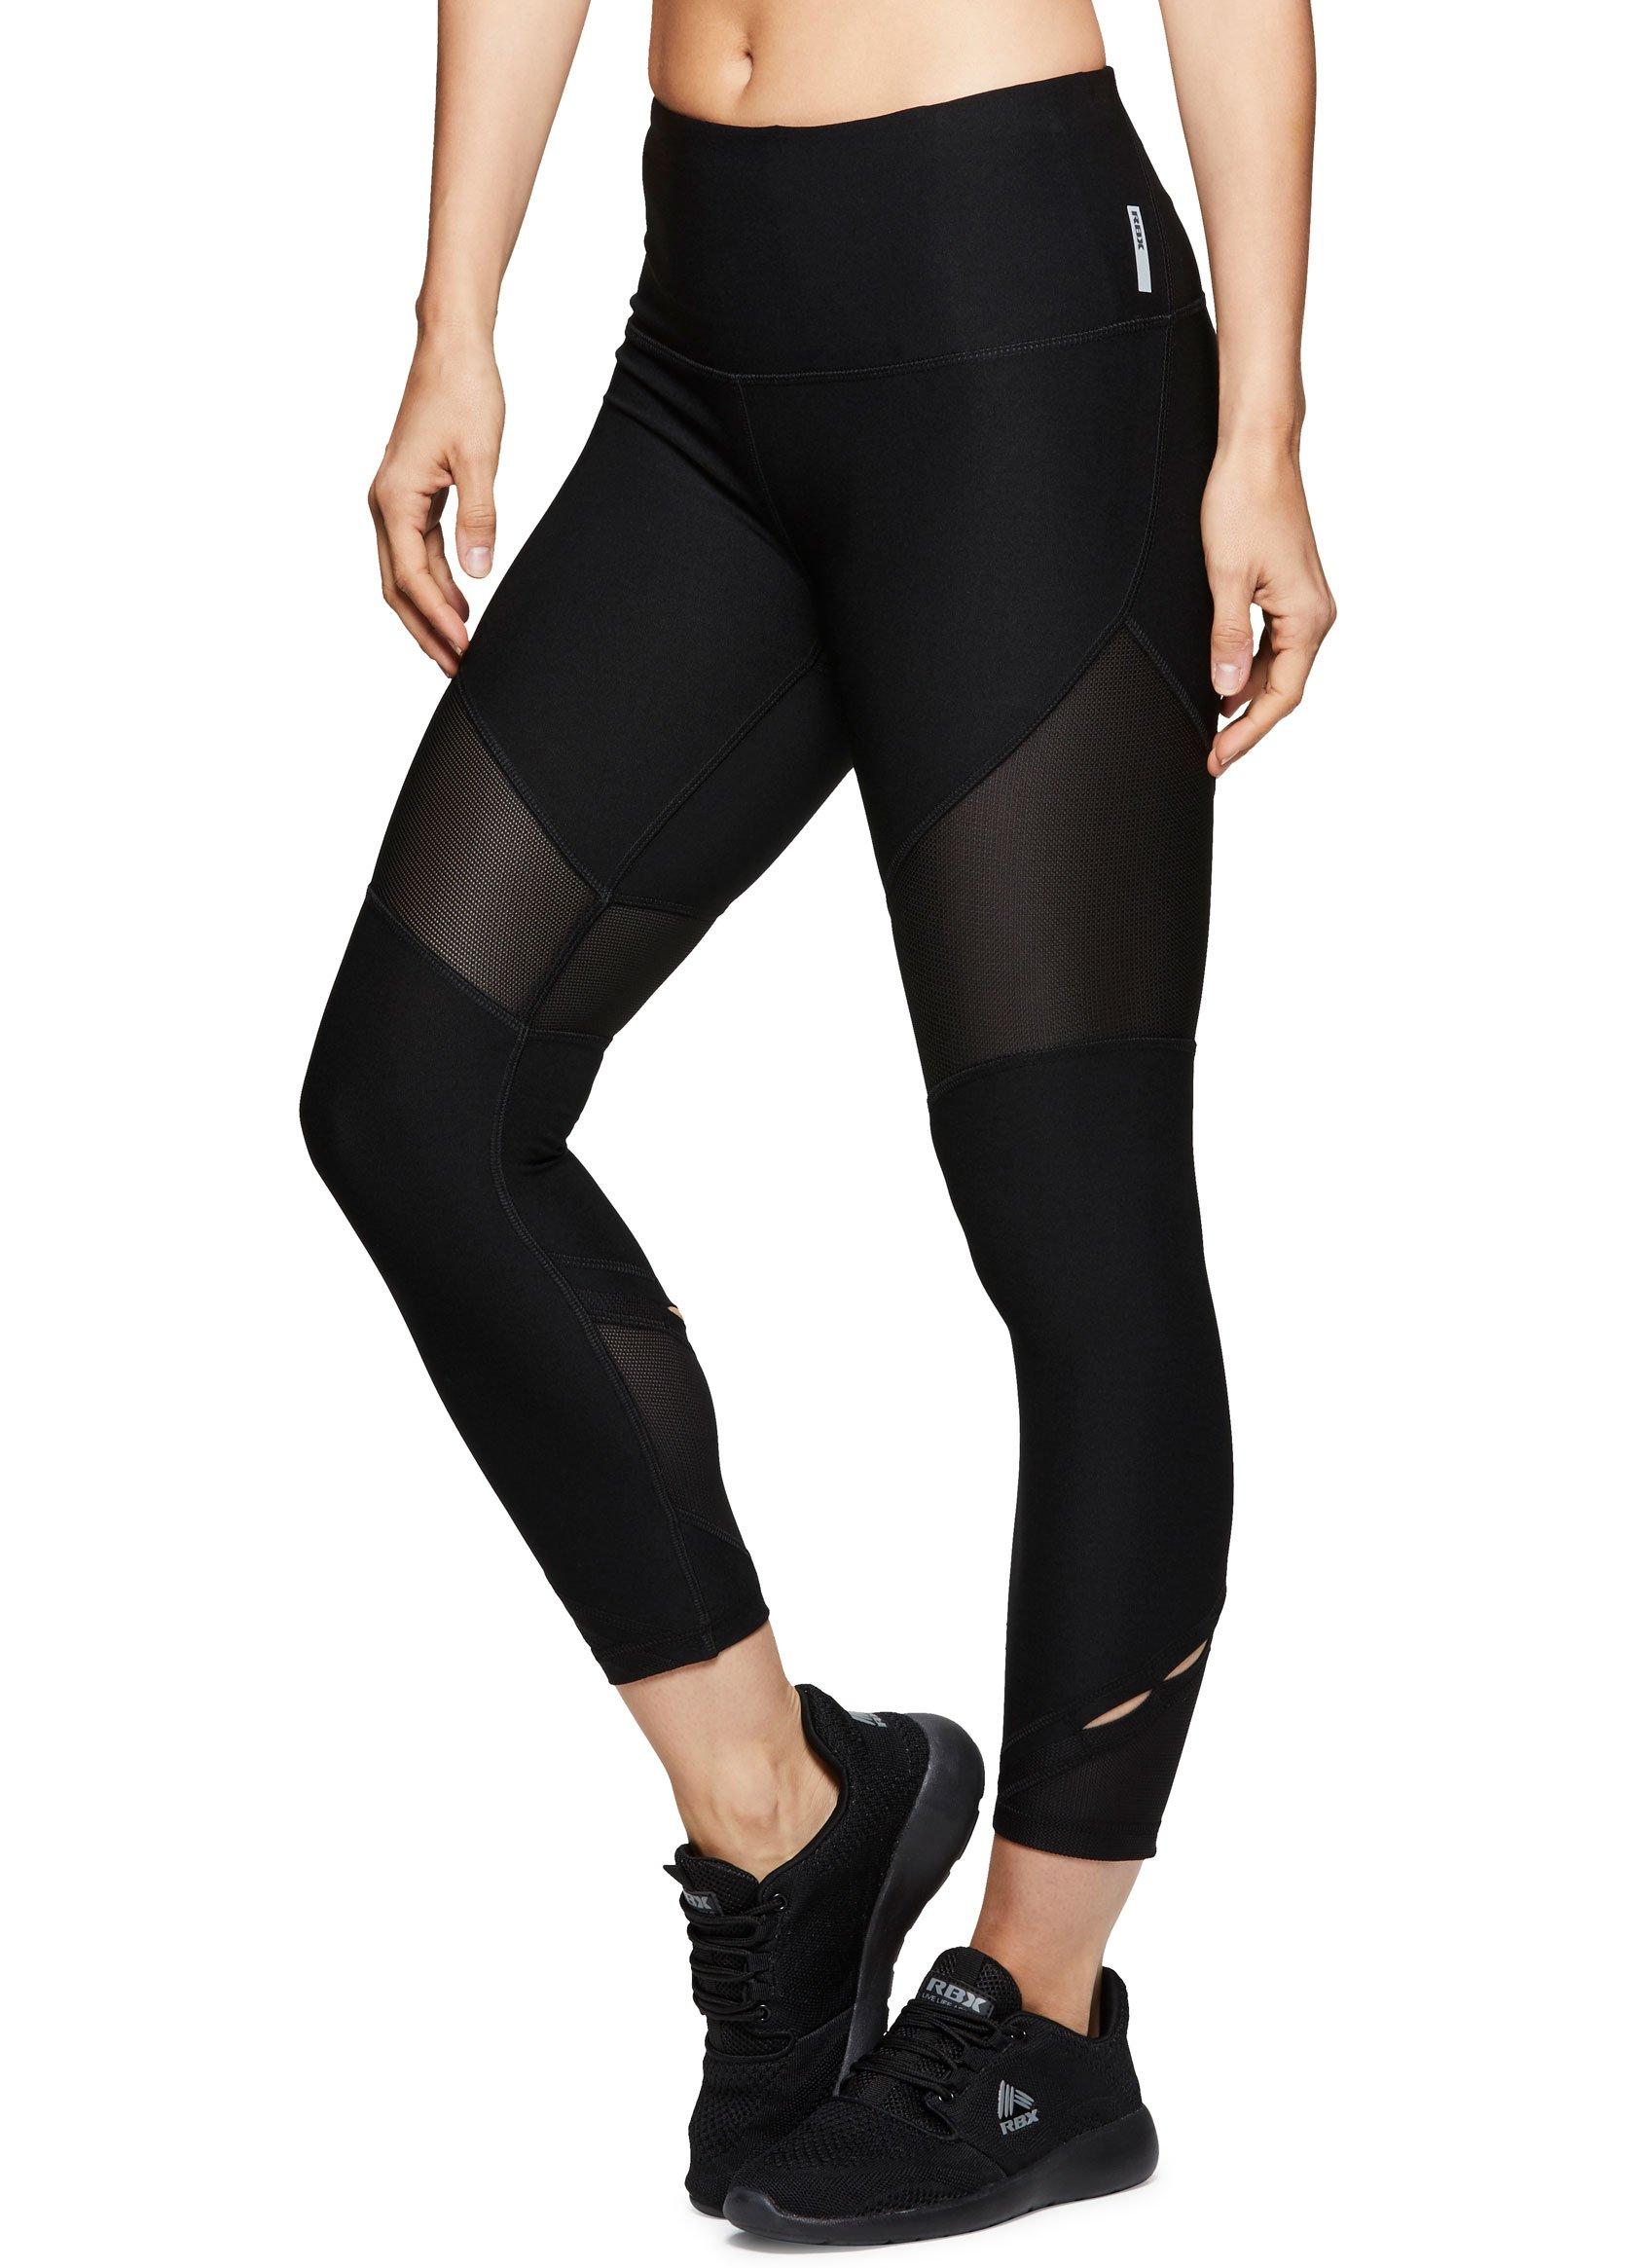 6d673ab6c55d8 Galleon - RBX Active Women's Athletic Workout Yoga Leggings Blackout L